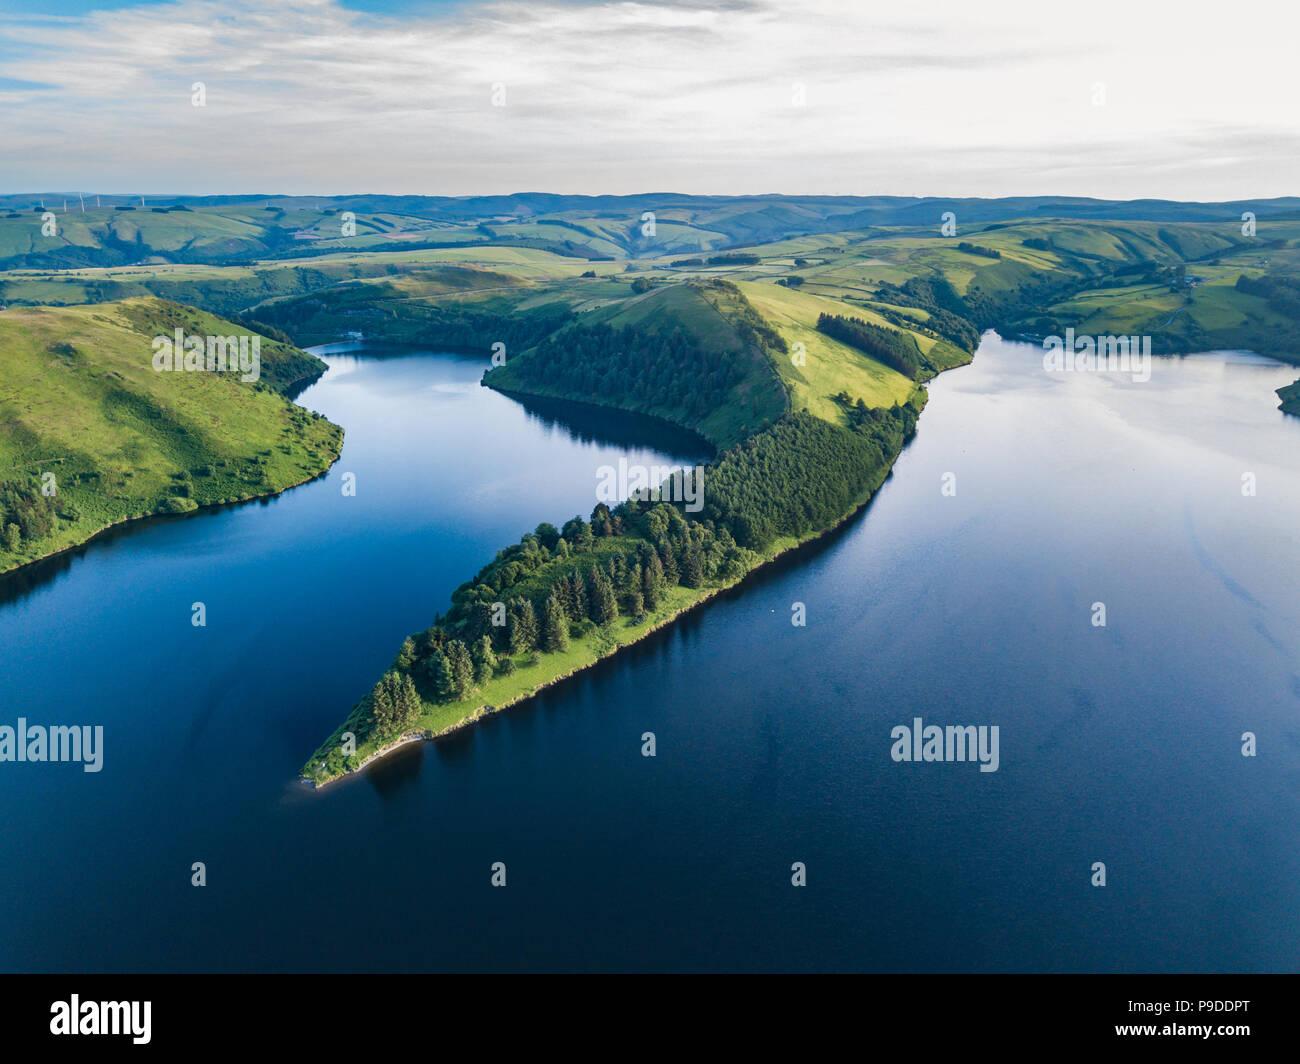 Une antenne du paysage du lac près de la digue, Llanidloes Llyn Clywedog, Pays de Galles, Royaume-Uni Photo Stock